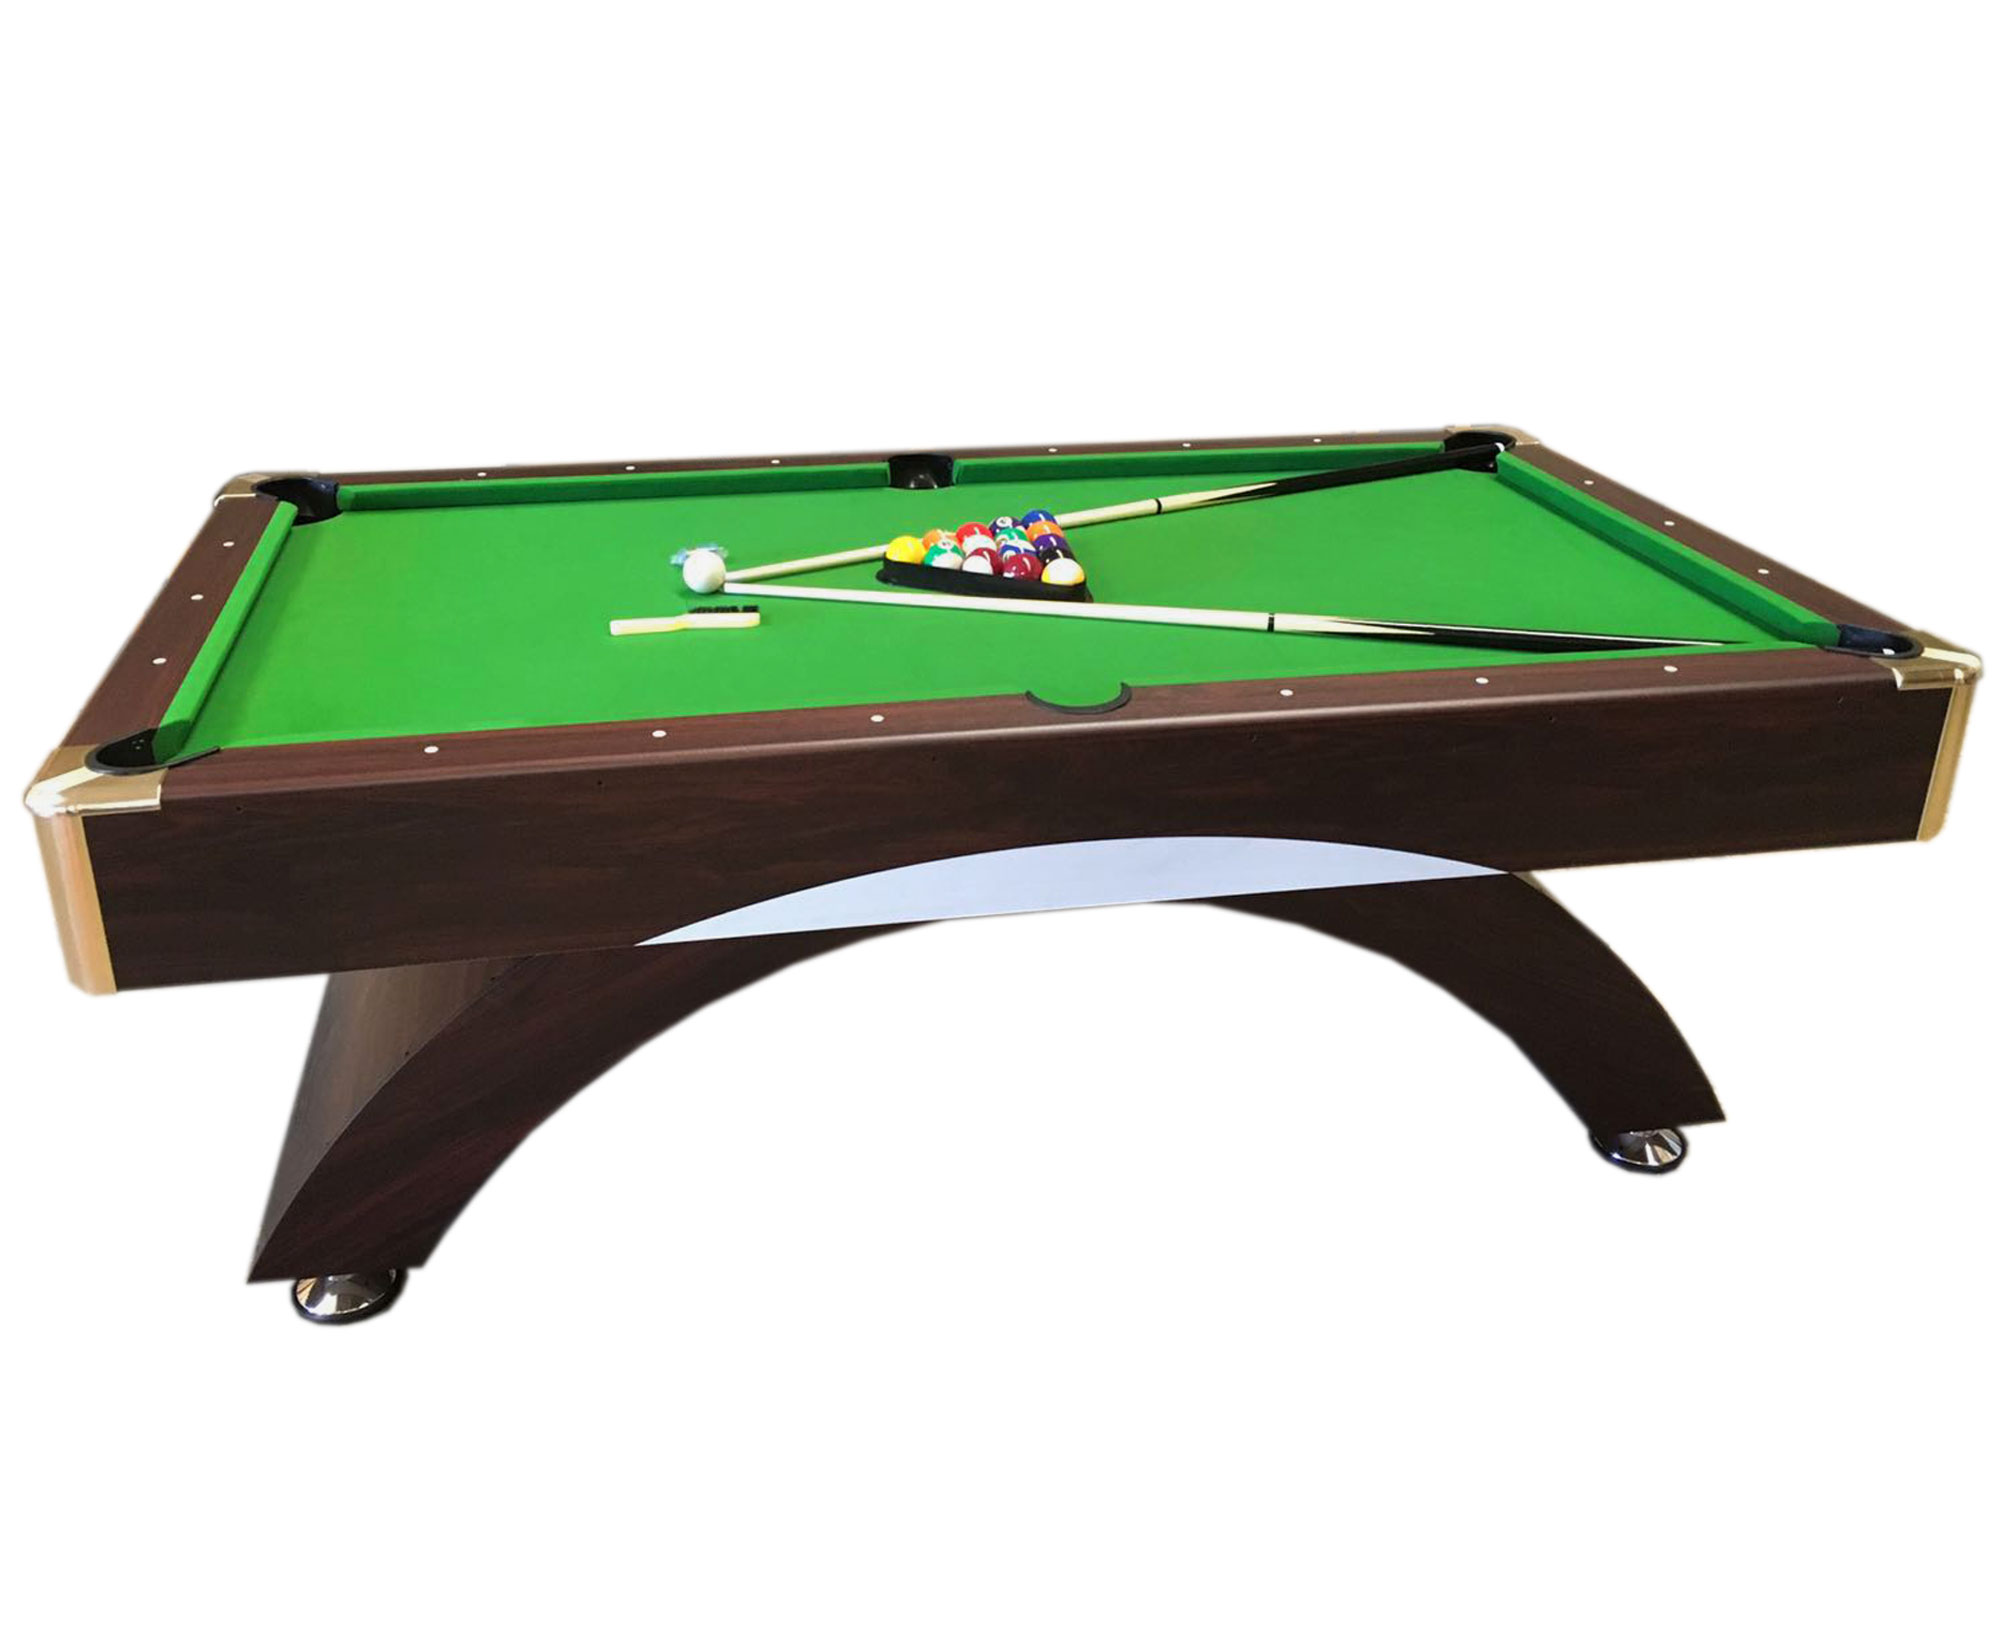 Tavolo da biliardo carambola misura 188 x 94 cm snooker - Misure tavolo da biliardo ...